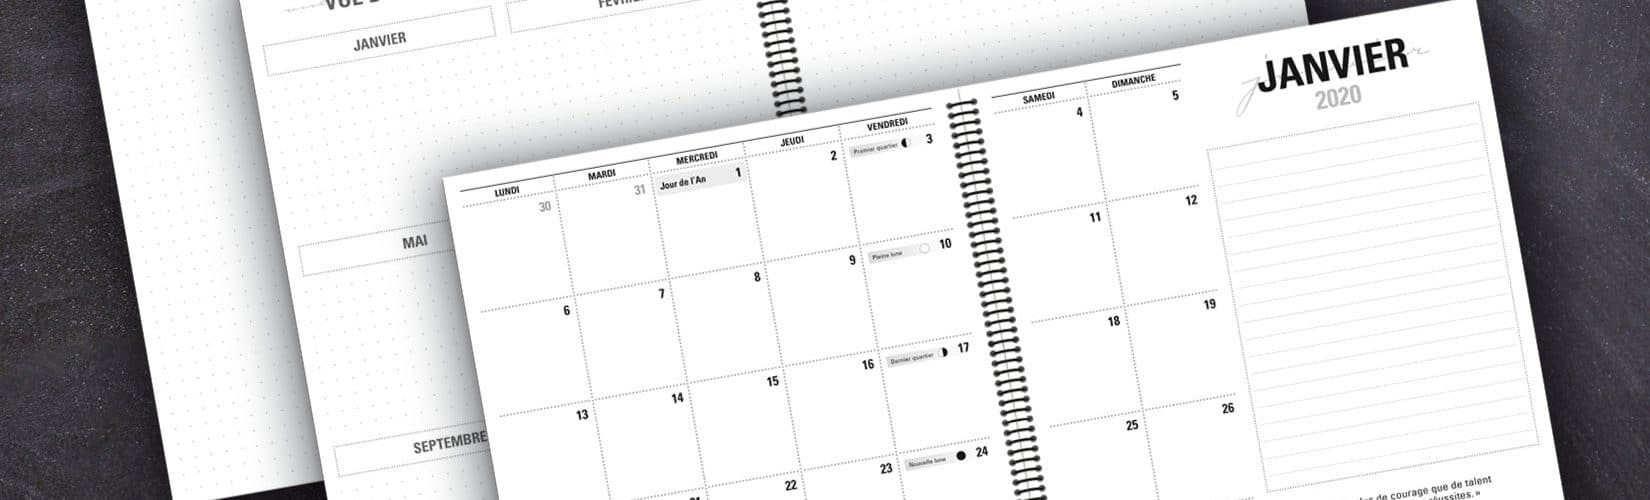 Pourquoi utiliser un agenda papier ?